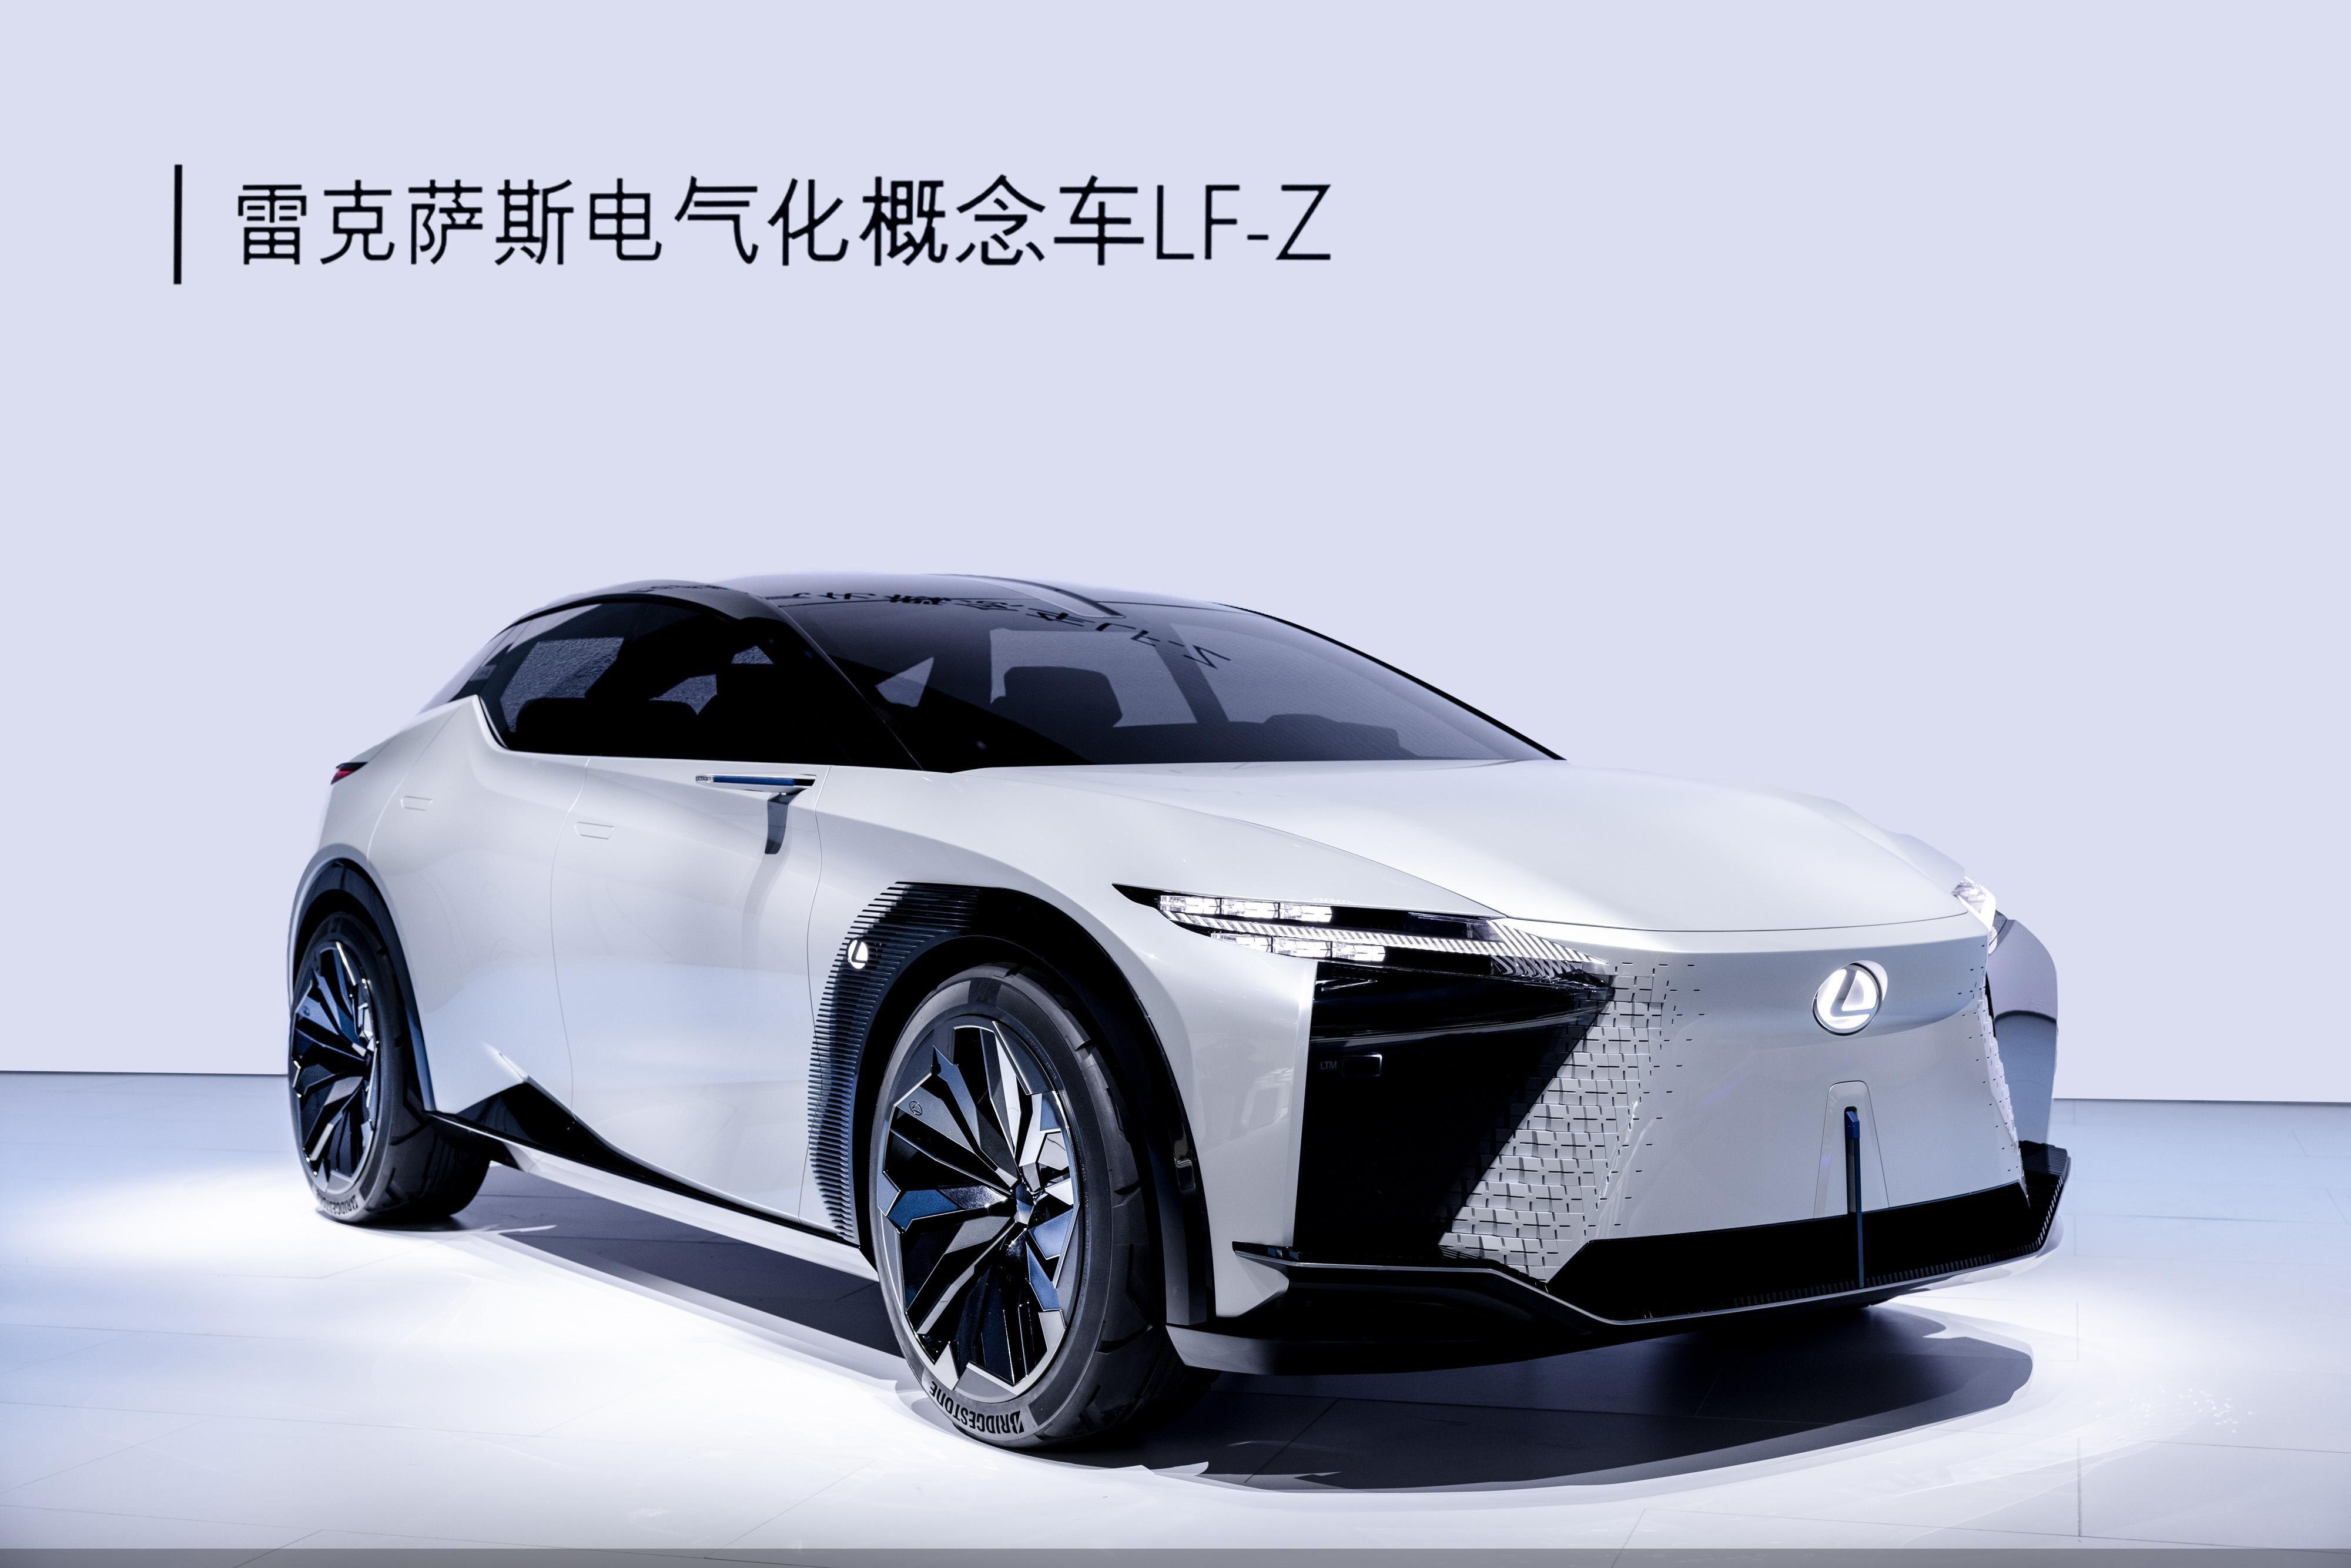 雷克萨斯全新电气化概念车LF-Z全球首展 核心车型新ES全球首发